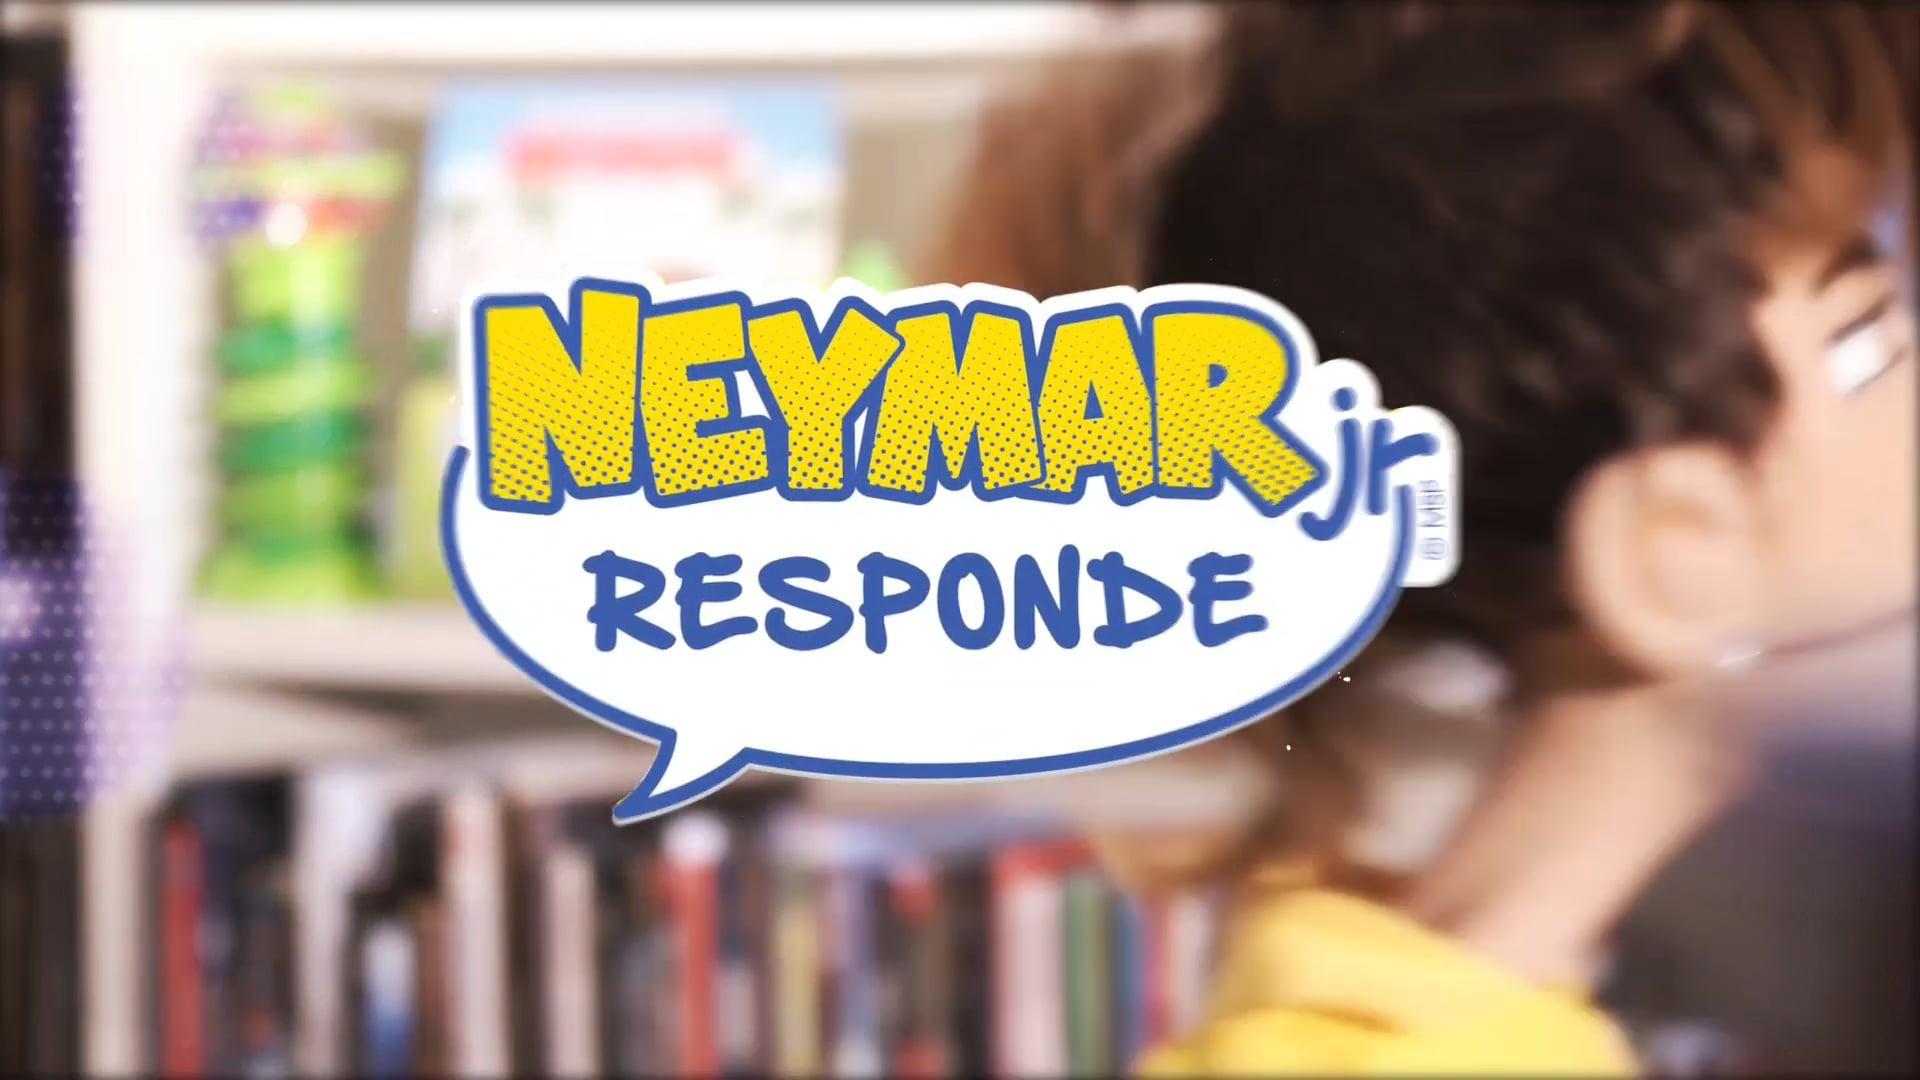 Neymar Júnior Responde